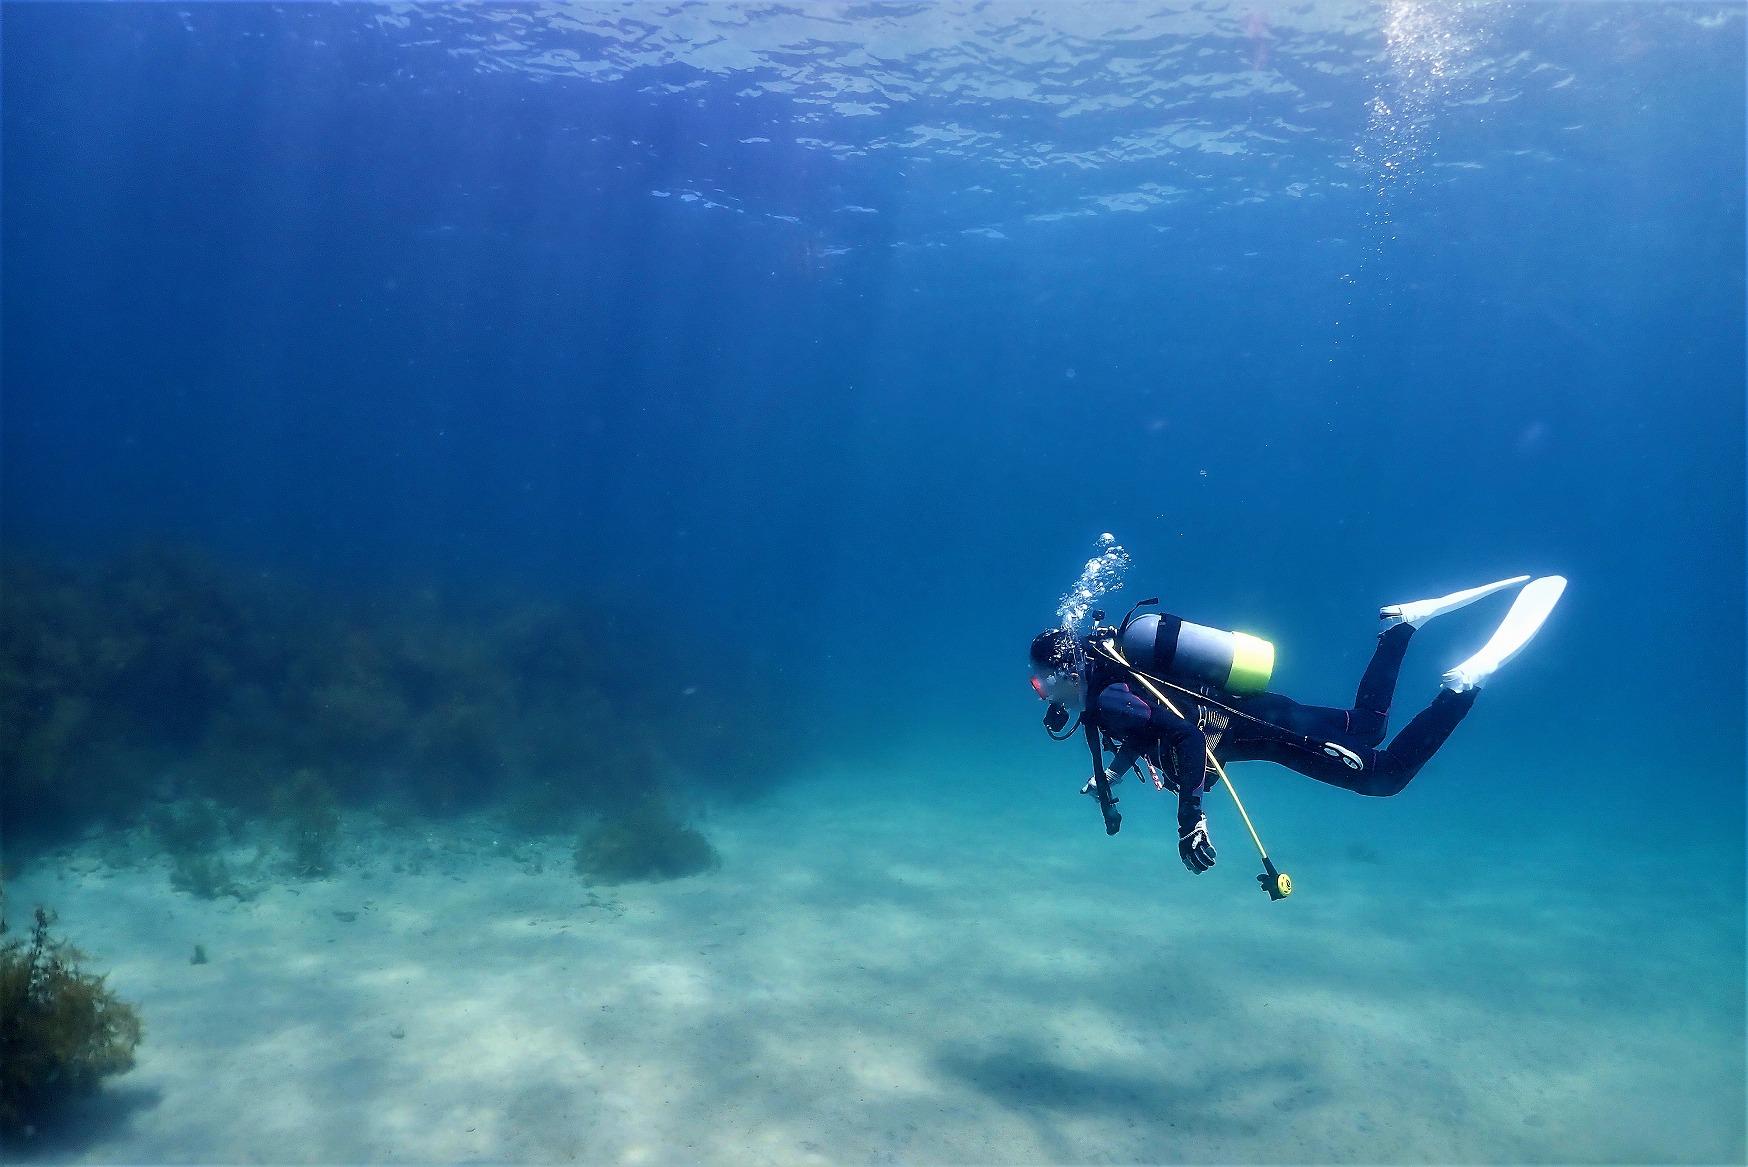 ≪初心者の方大歓迎♪≫体験ダイビングプラン!能登の海を楽しめるダイビングコース!